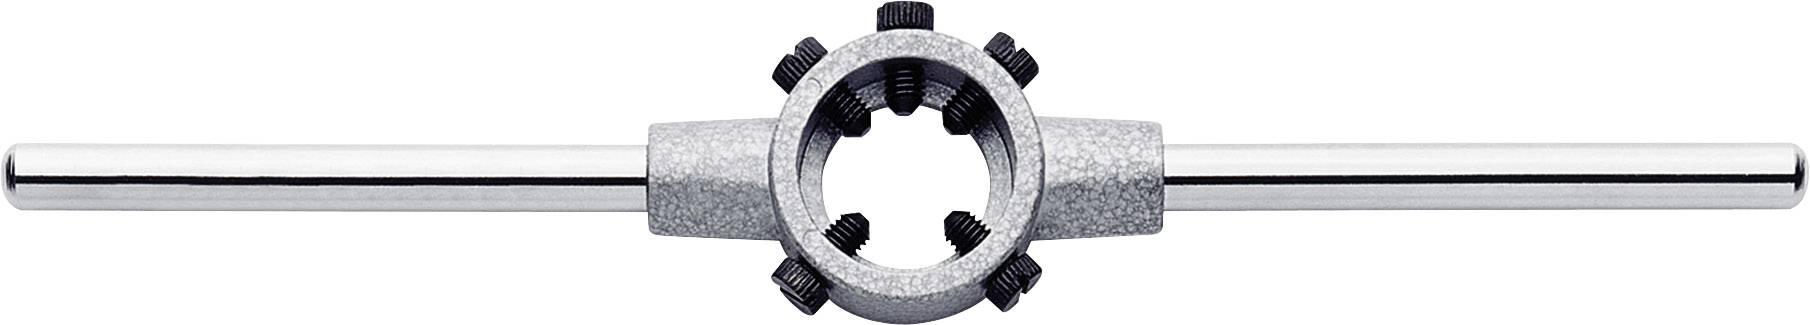 Držák pro řezání vnějších závitů DIN 255 Exact M 3+4